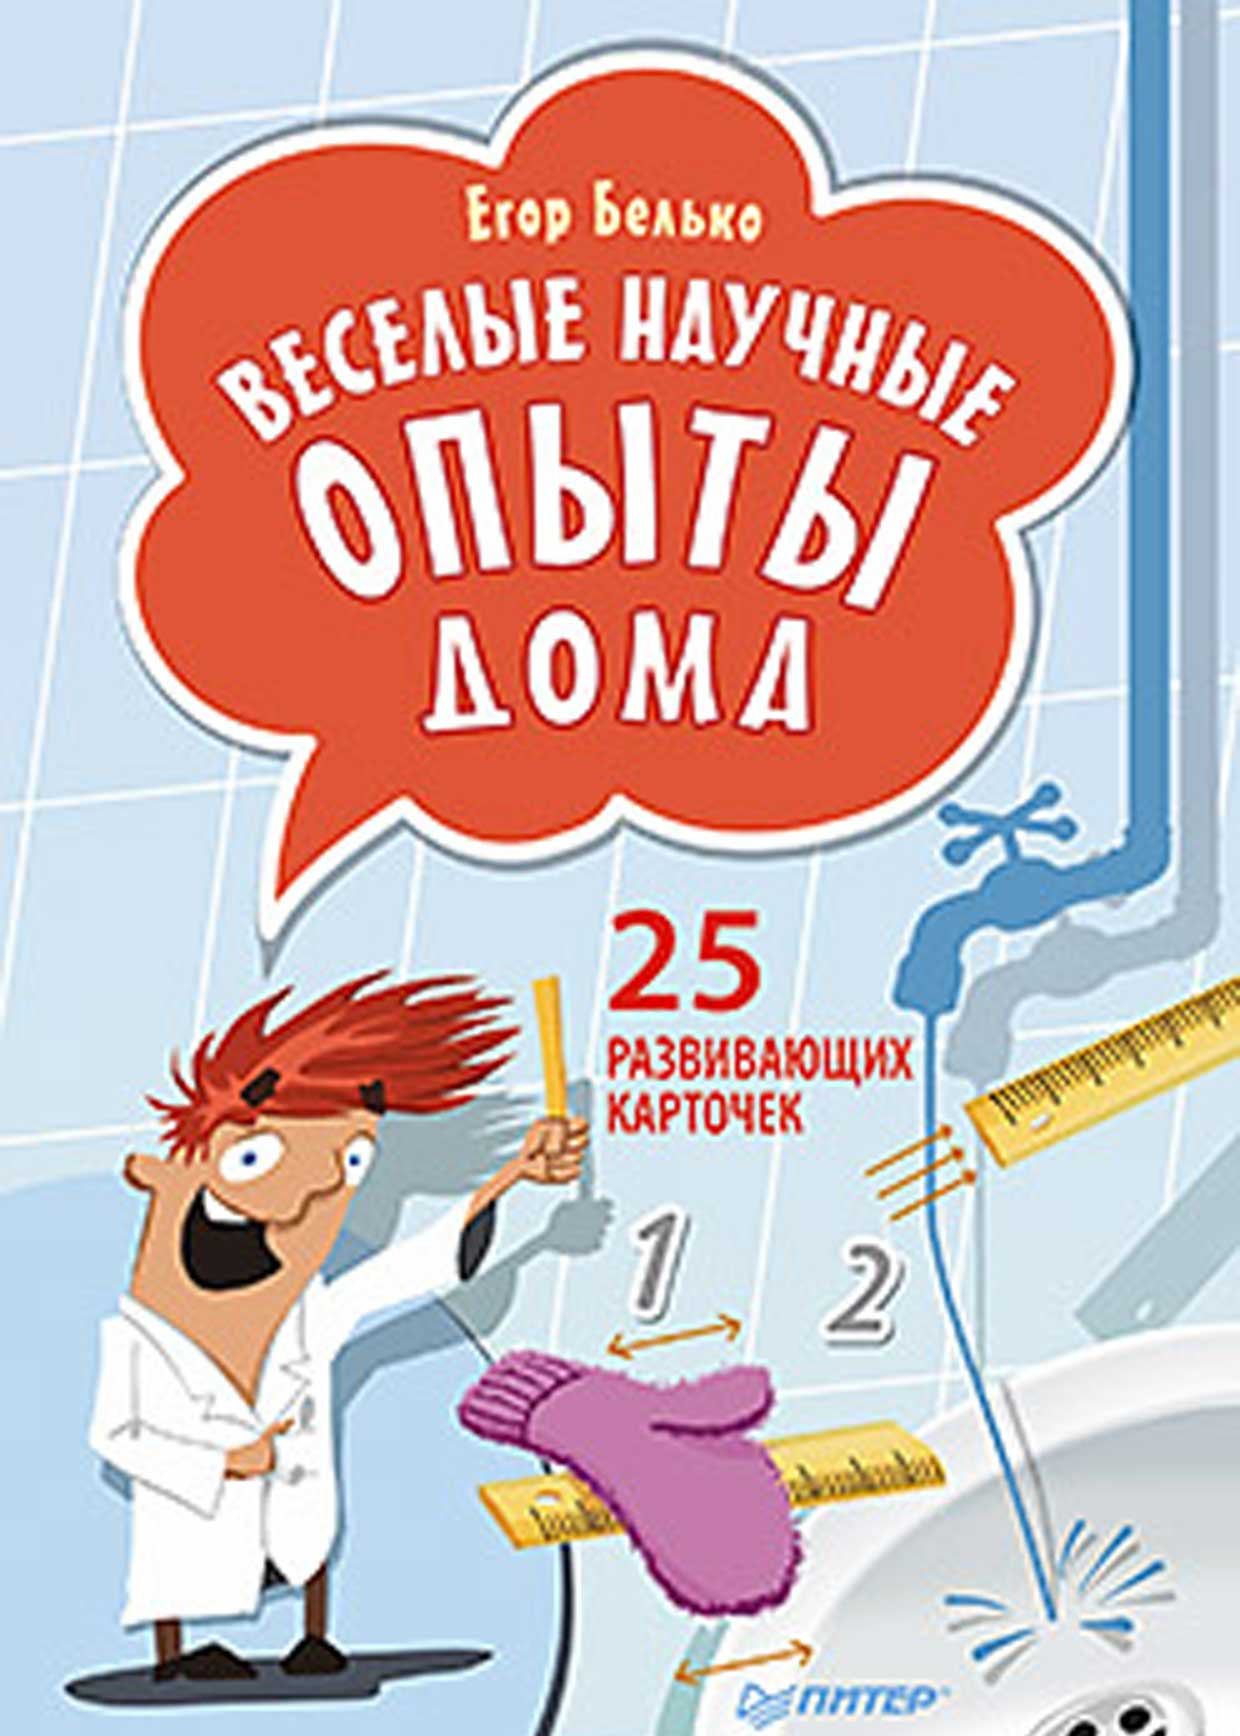 Егор Белько Веселые научные опыты дома. 25 развивающих карточек белько е веселые научные опыты дома 25 развивающих карточек